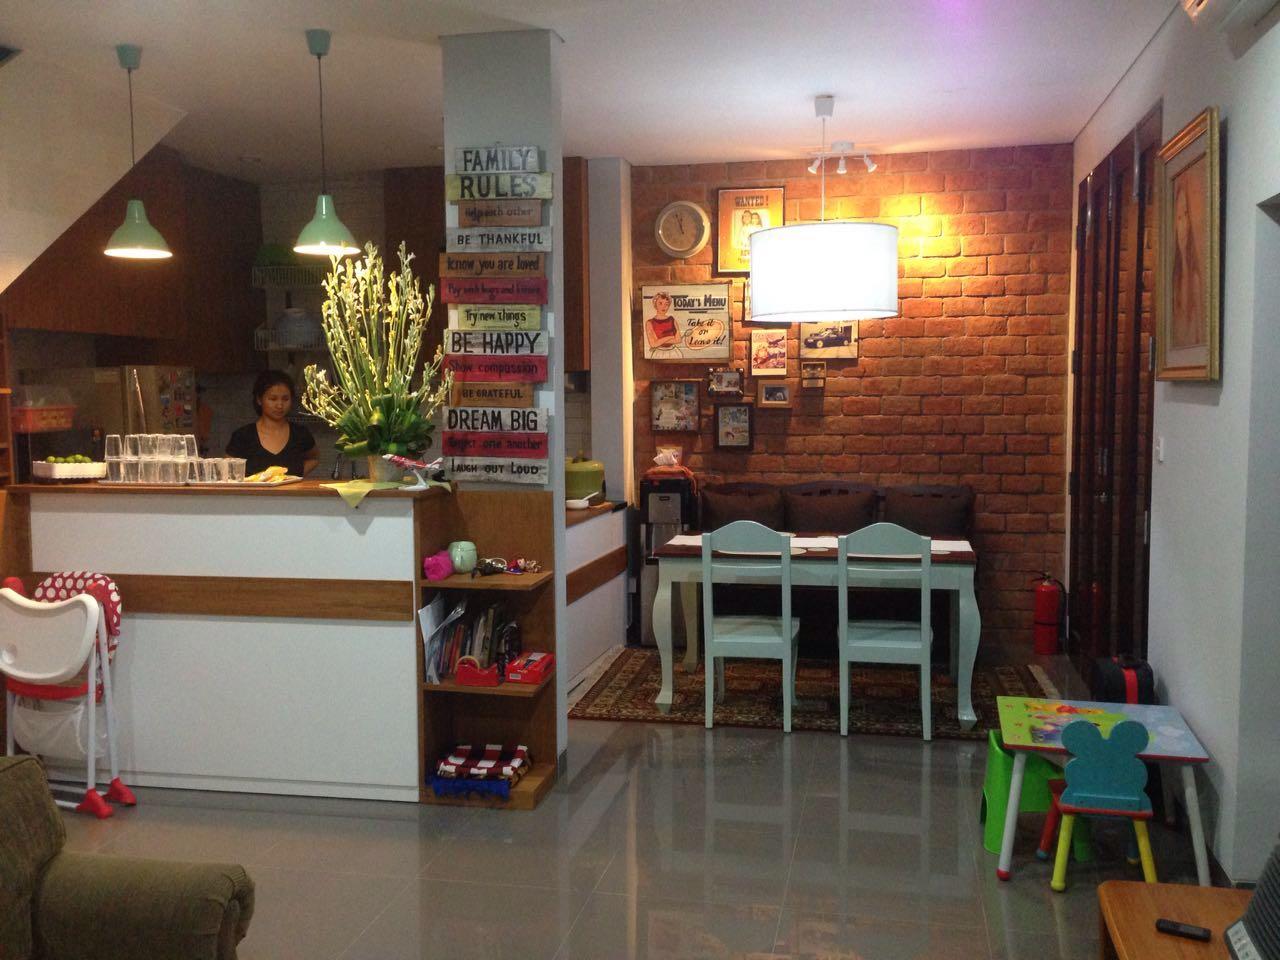 Jual Cepat Rumah di BALI di Jl. Muding Built (Kompleks Perumahan) UNDER MARKET PRICE!!!